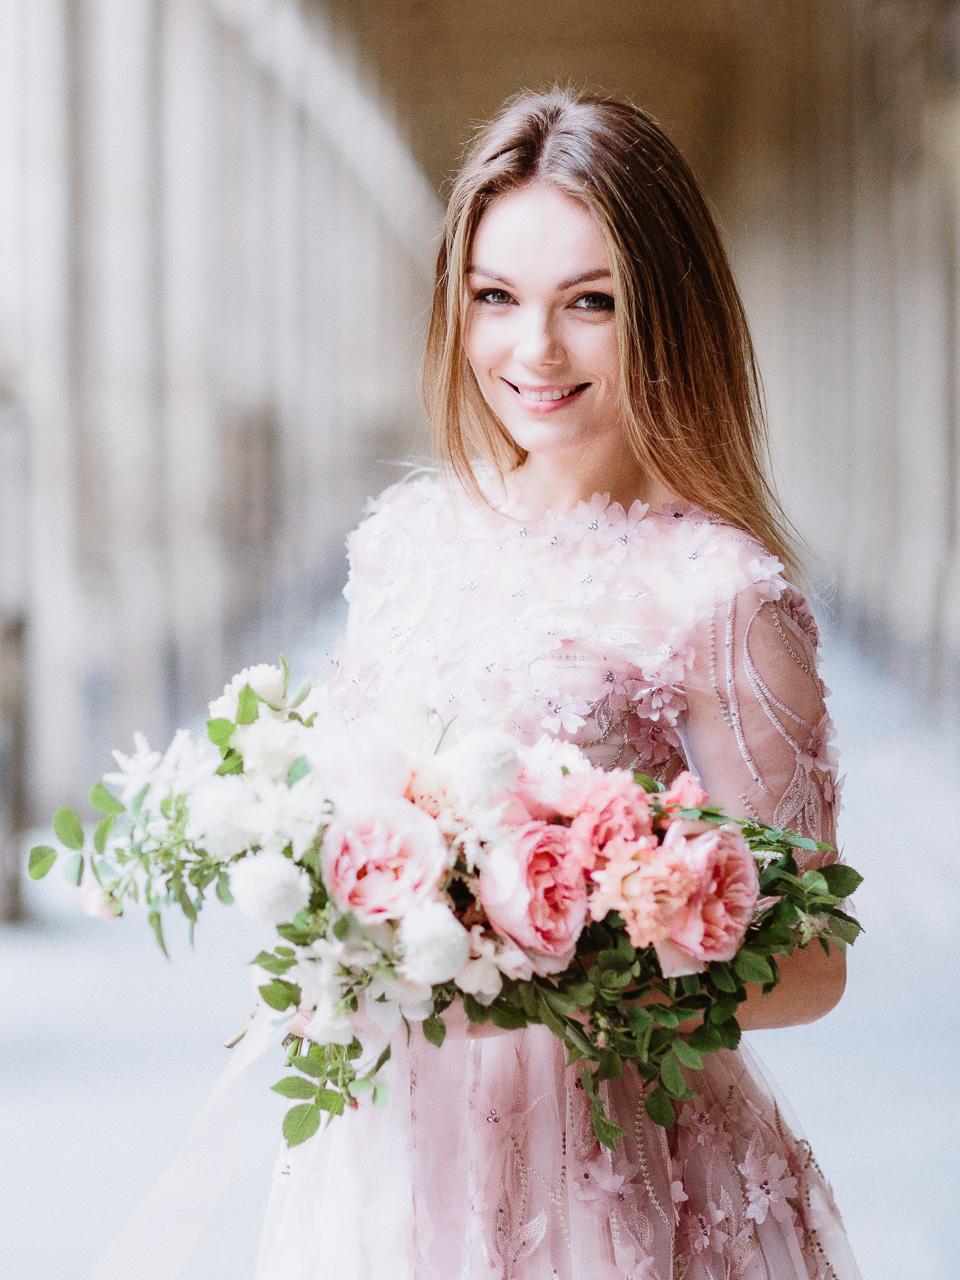 stunning-bride-with-bouquet-paris.jpg